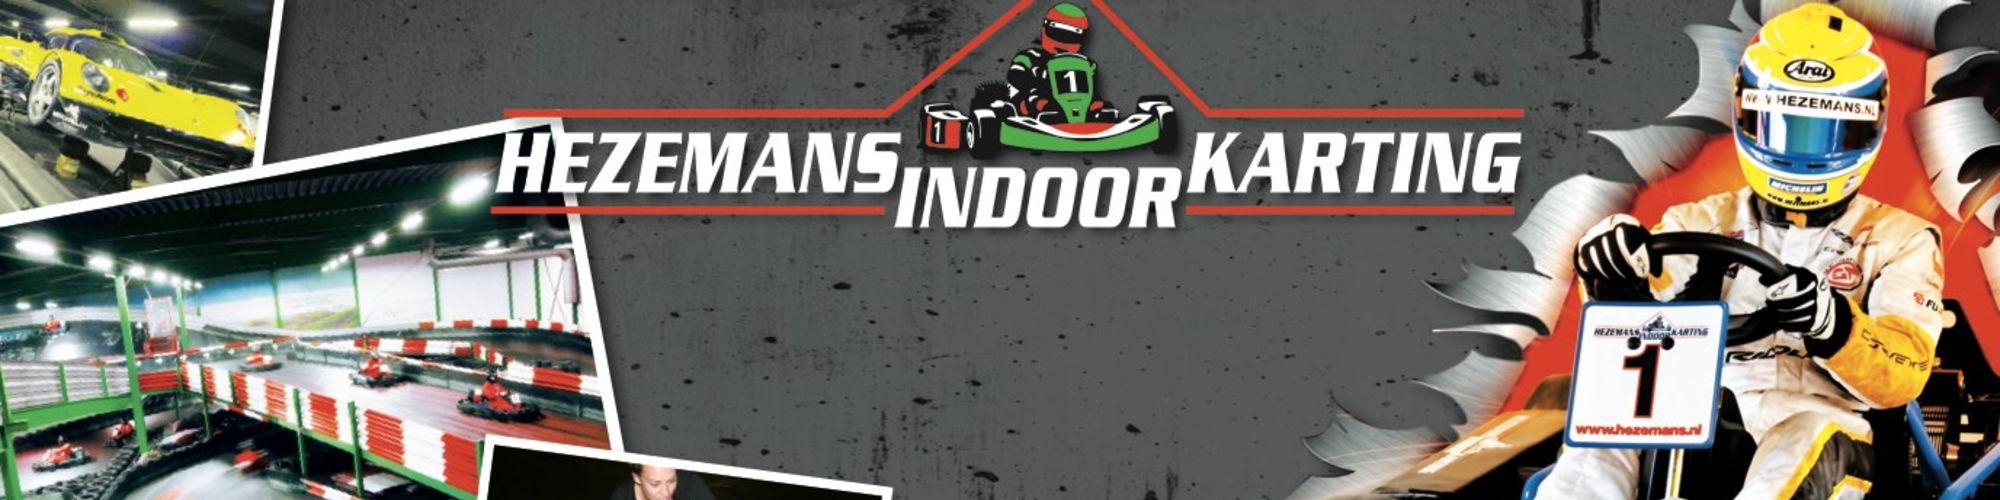 Hezemans Indoor Karting cover image